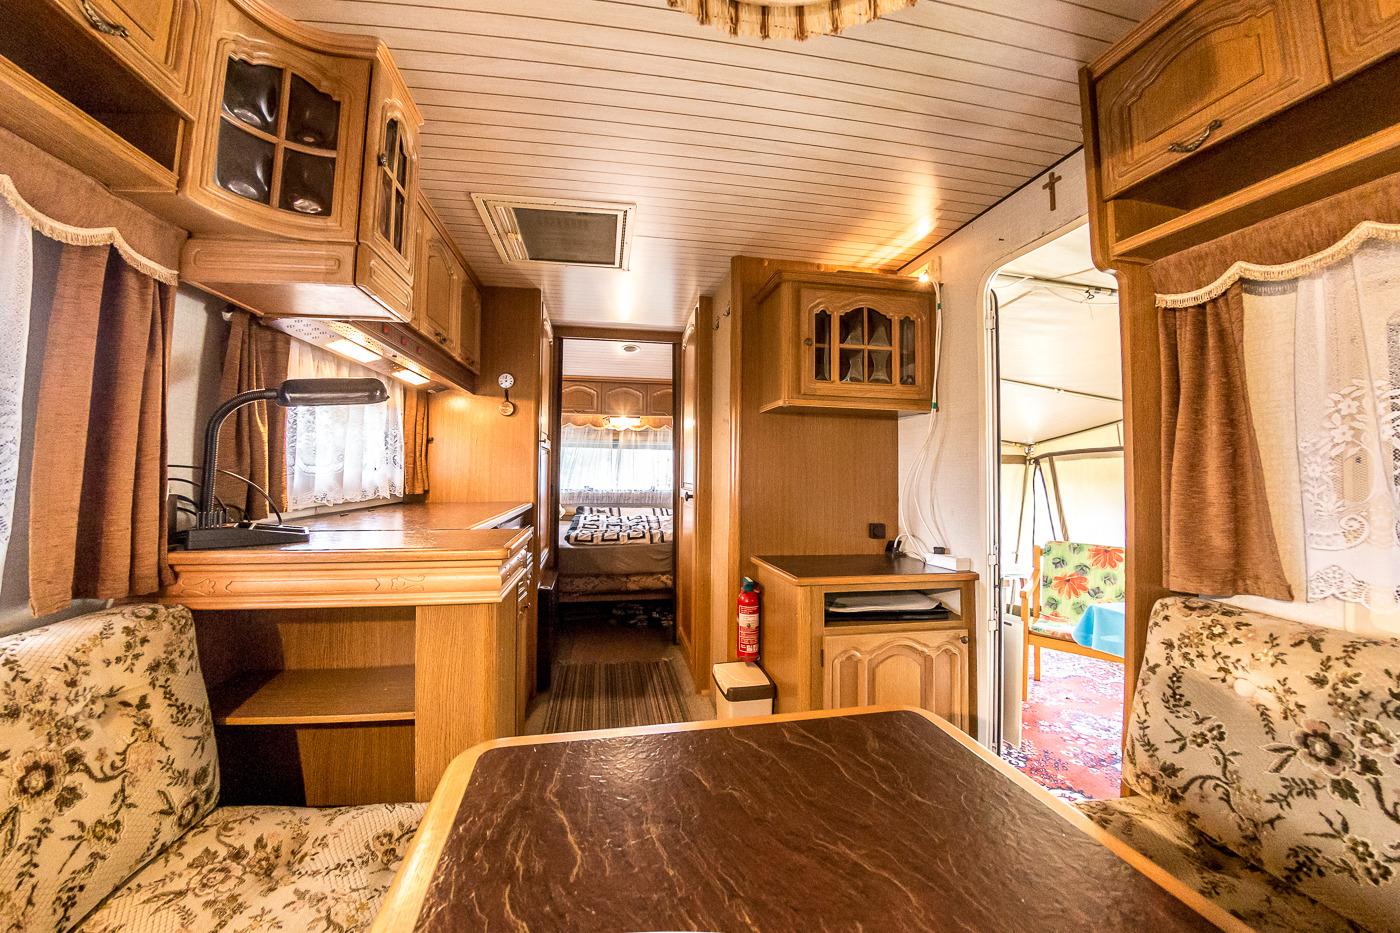 Caravan Hünstein 2 Ferienwohnung in Thüringen